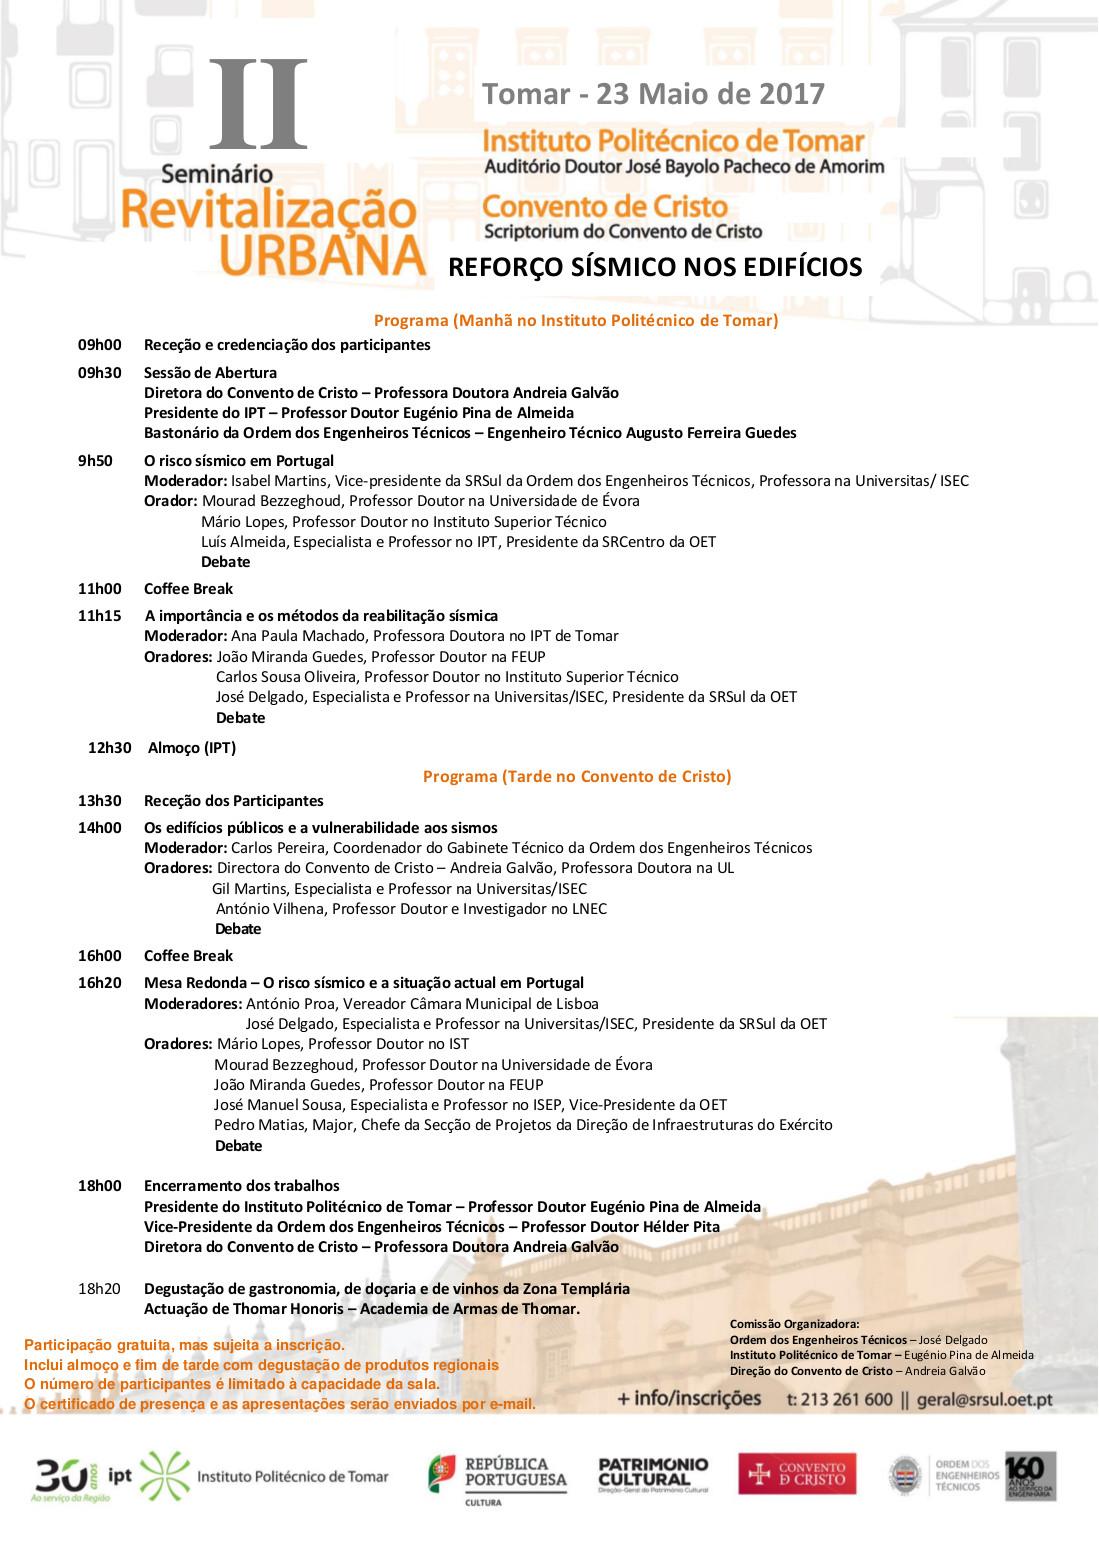 programa do evento